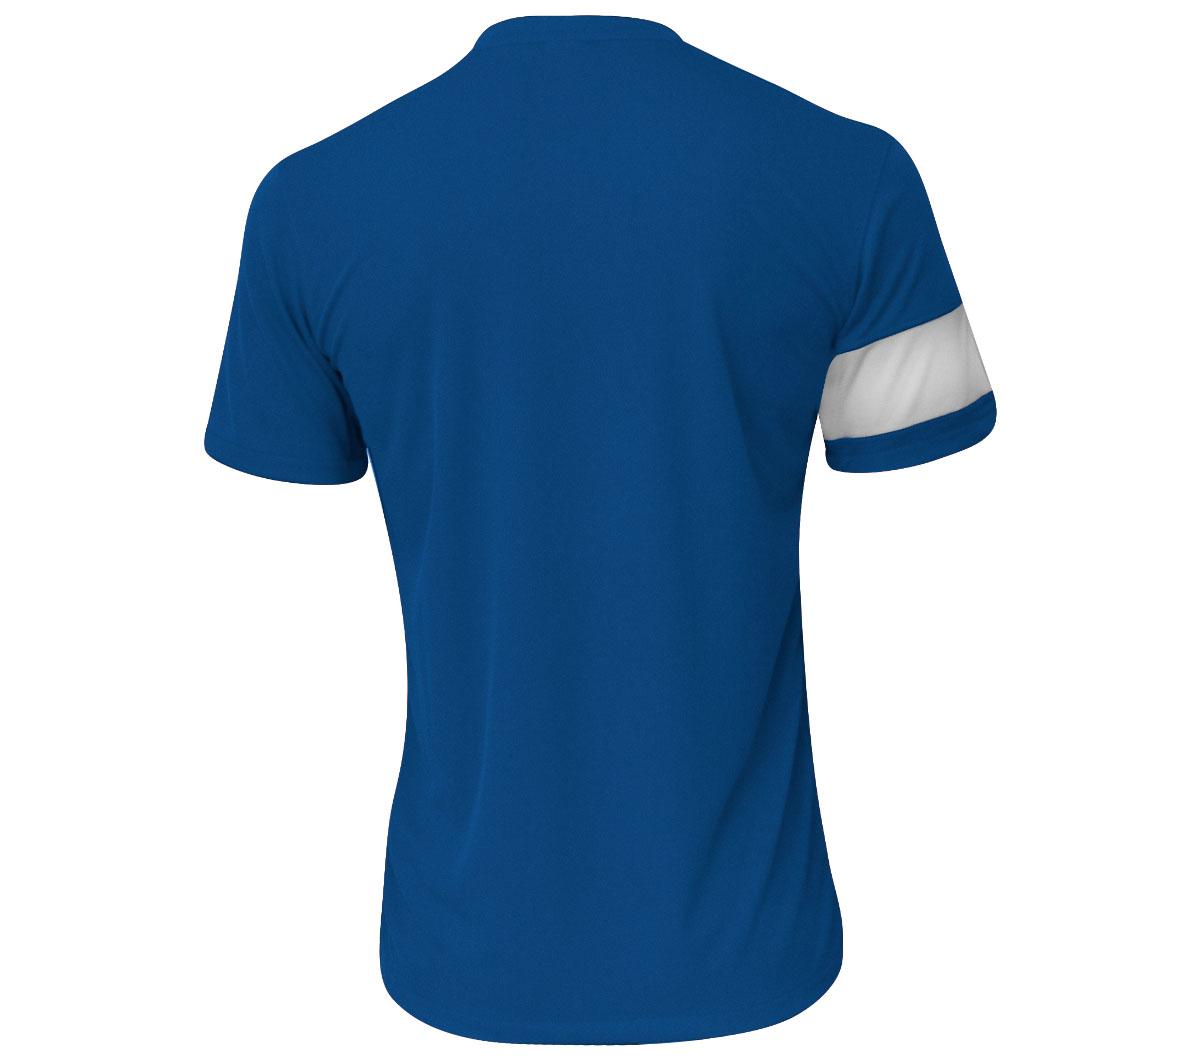 871b615c82 Camisa Nike SS Striker III Azul e Branca - Mundo do Futebol